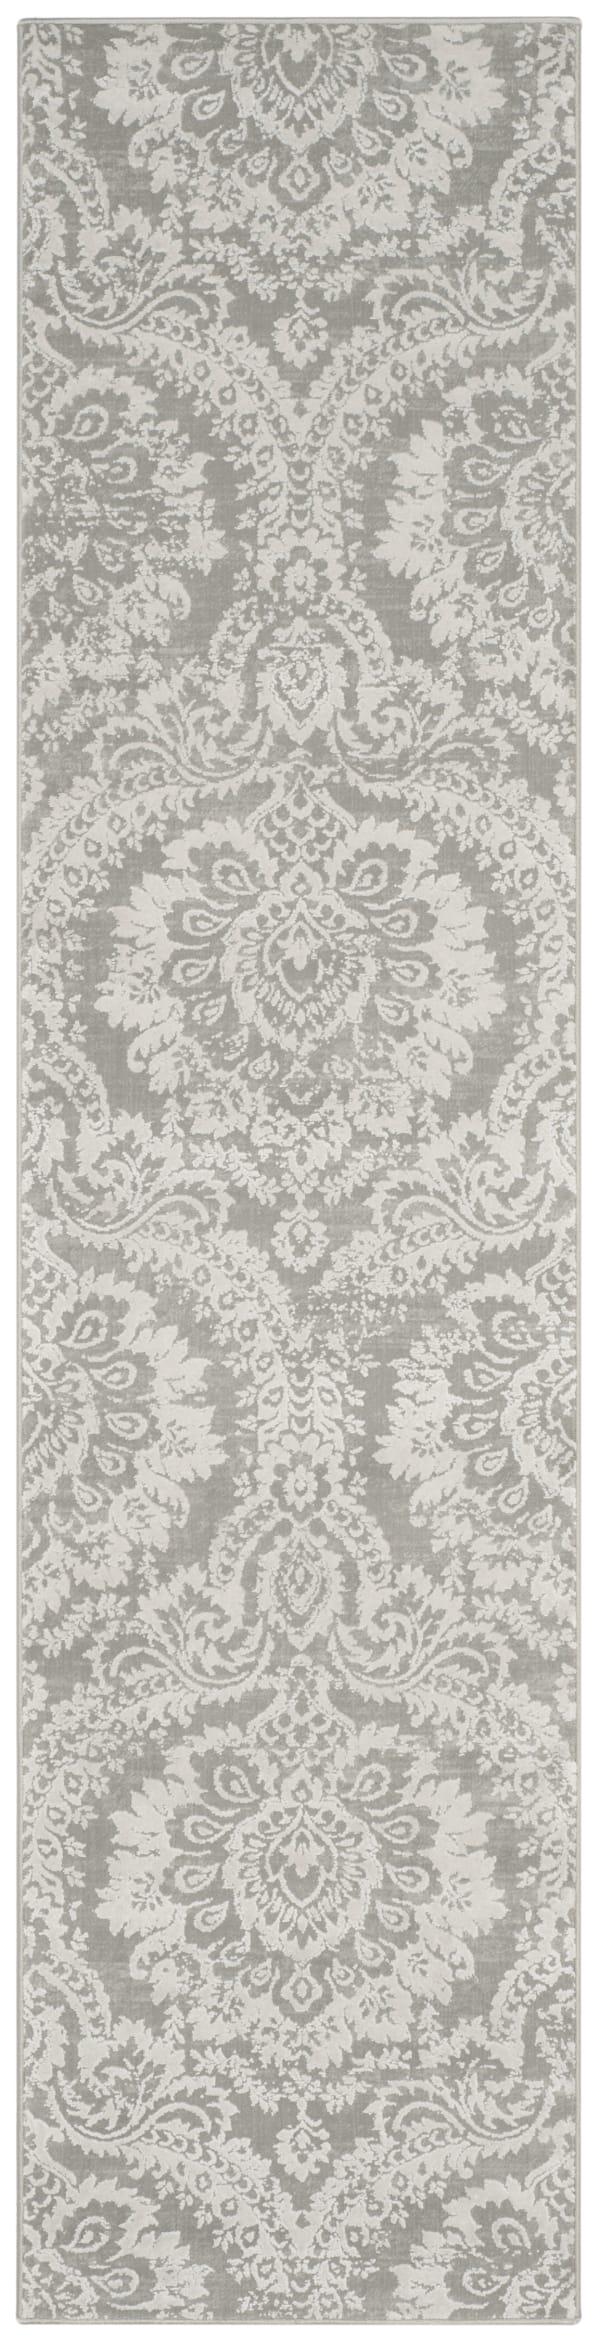 Haden 717 2' X 10' Gray Polyester Rug